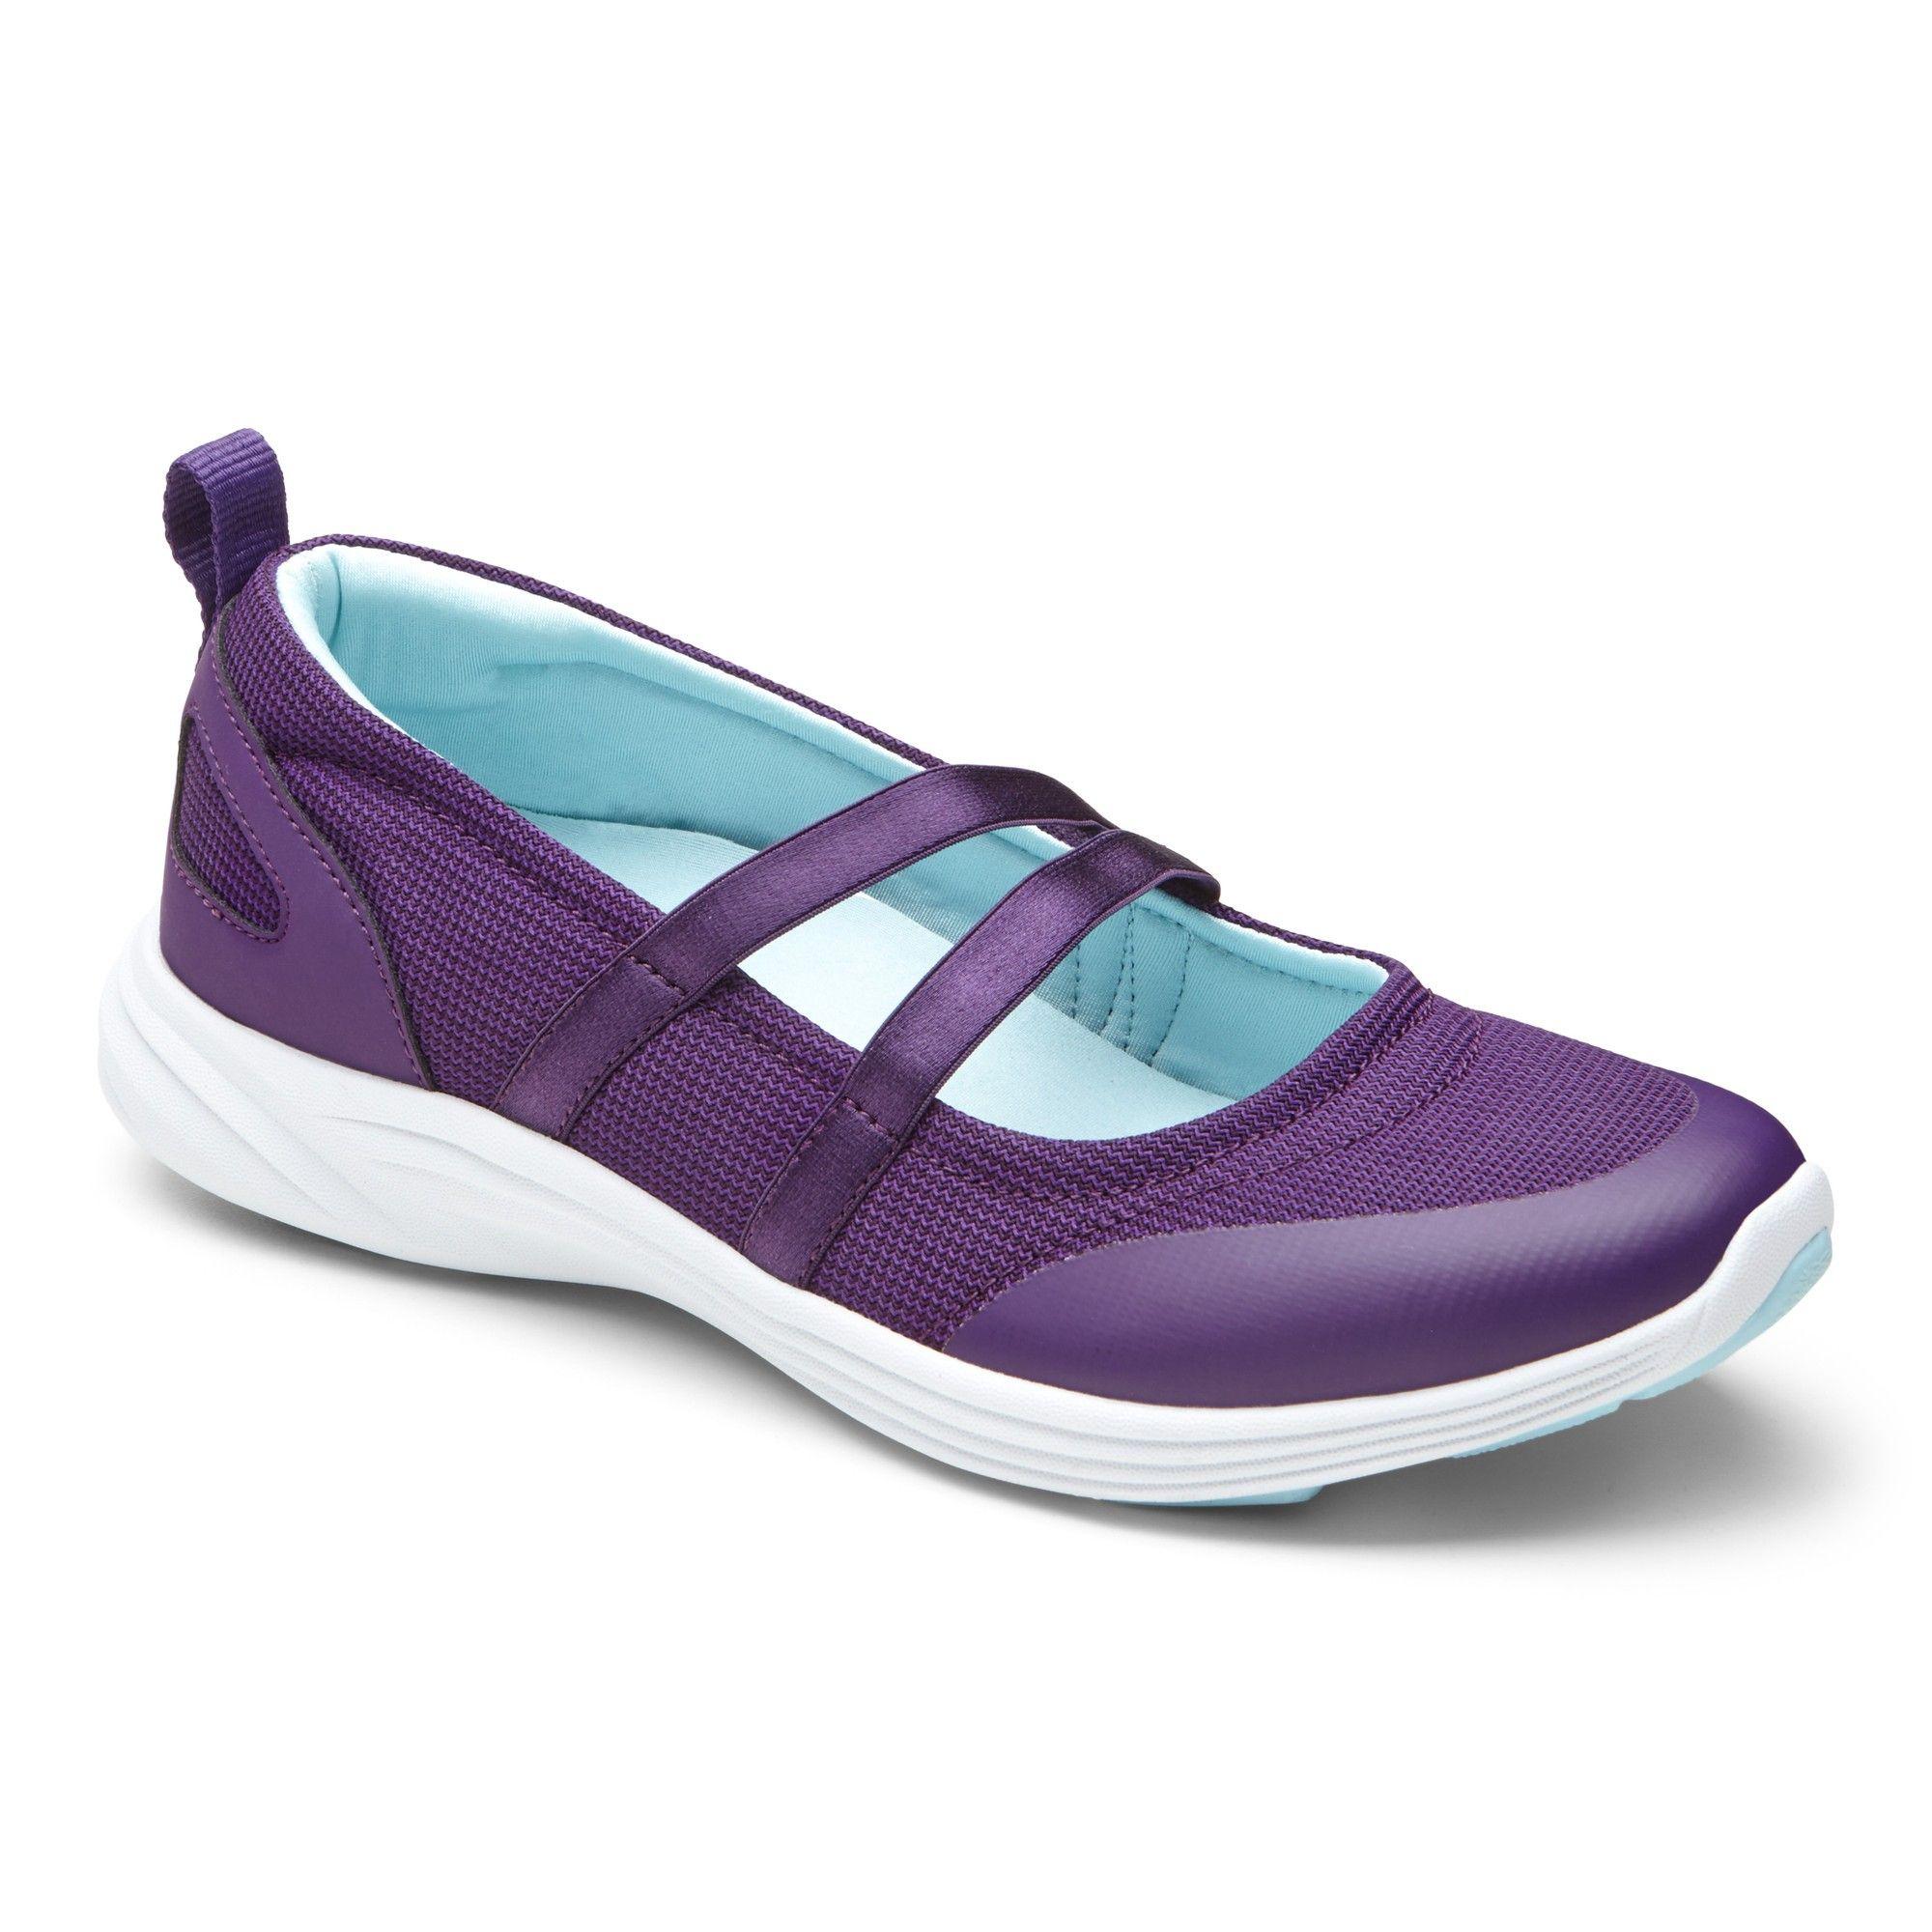 Gray 10 Opal Mary Jane Sneaker Wish List Pinterest Vionic Kea Navy Wanita 41